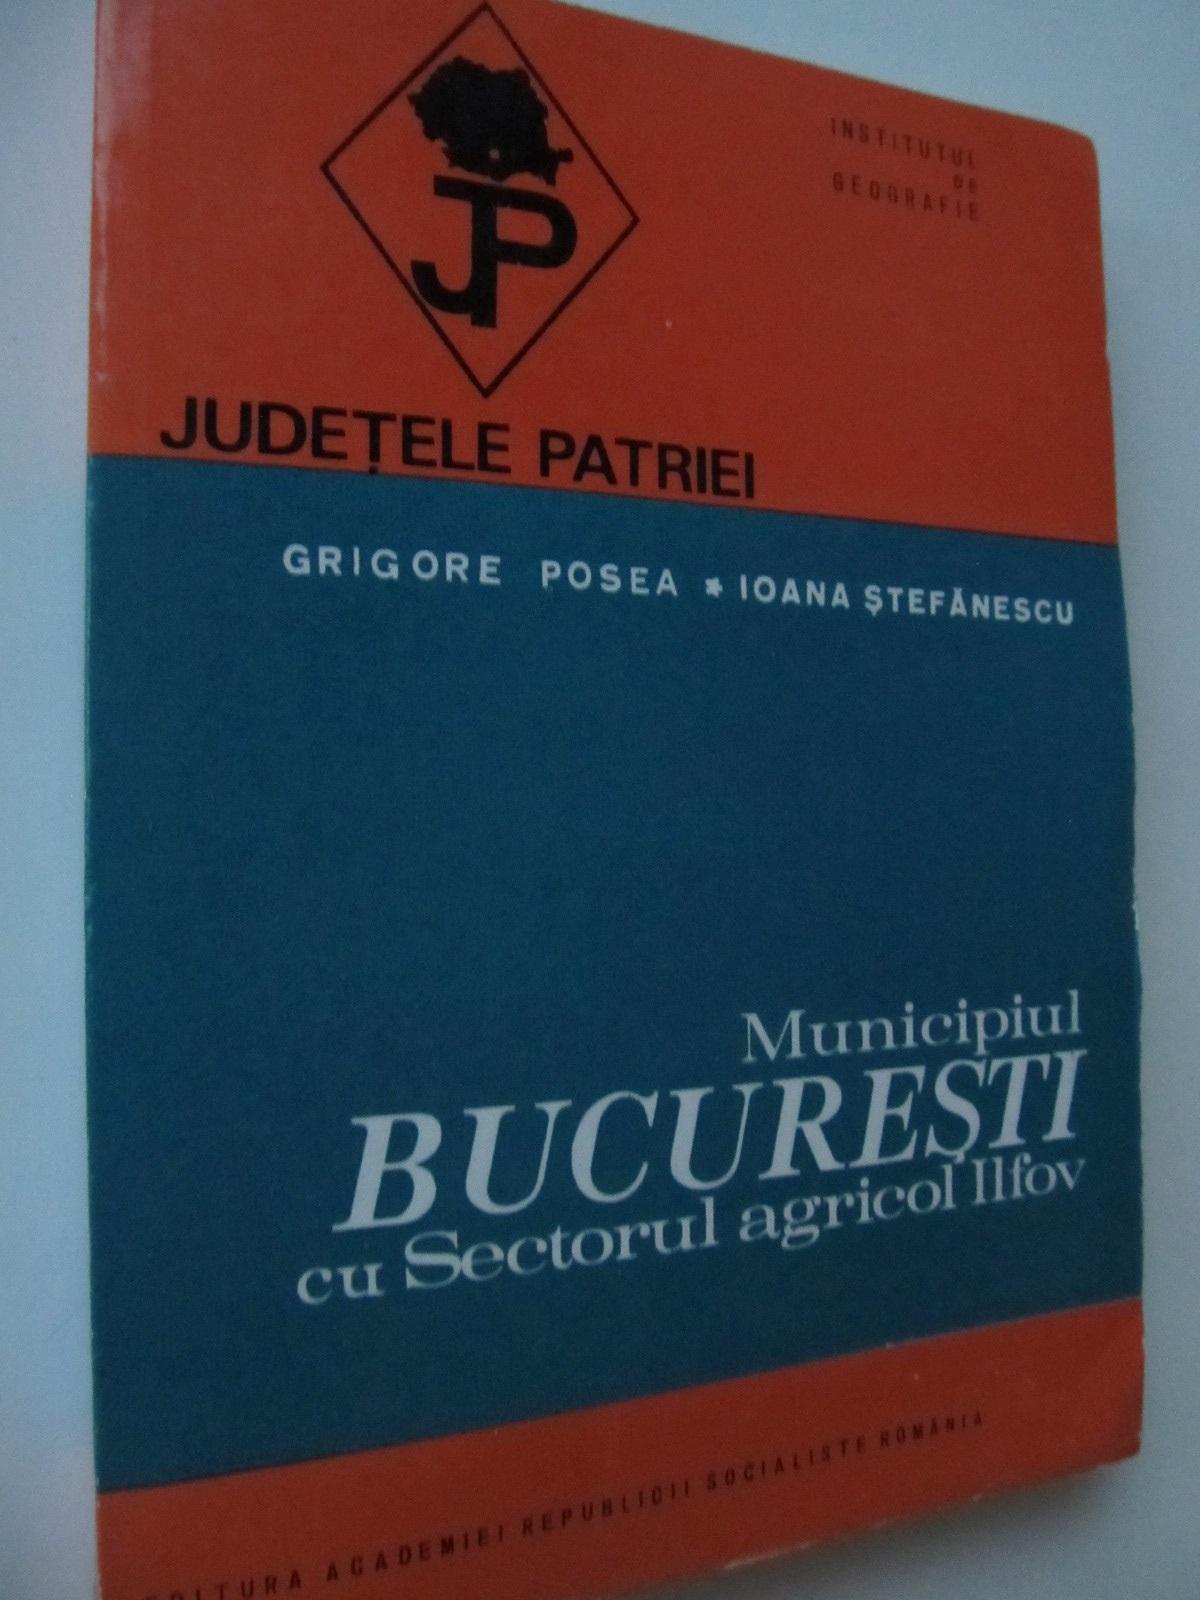 Municipiul Bucuresti cu sectorul agricol Ilfov (cu harta) - Grigore Posea , Ioana Stefanescu | Detalii carte